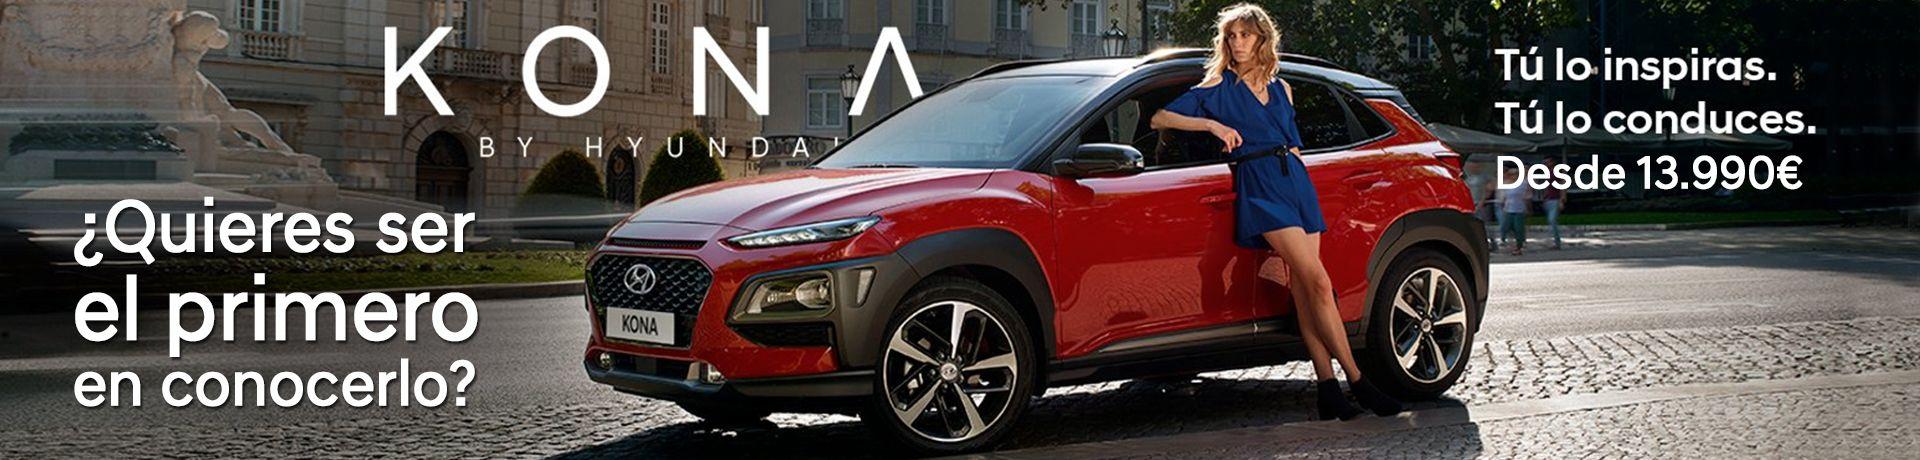 ¡El Nuevo Hyundai Kona ya está en Seulcar!